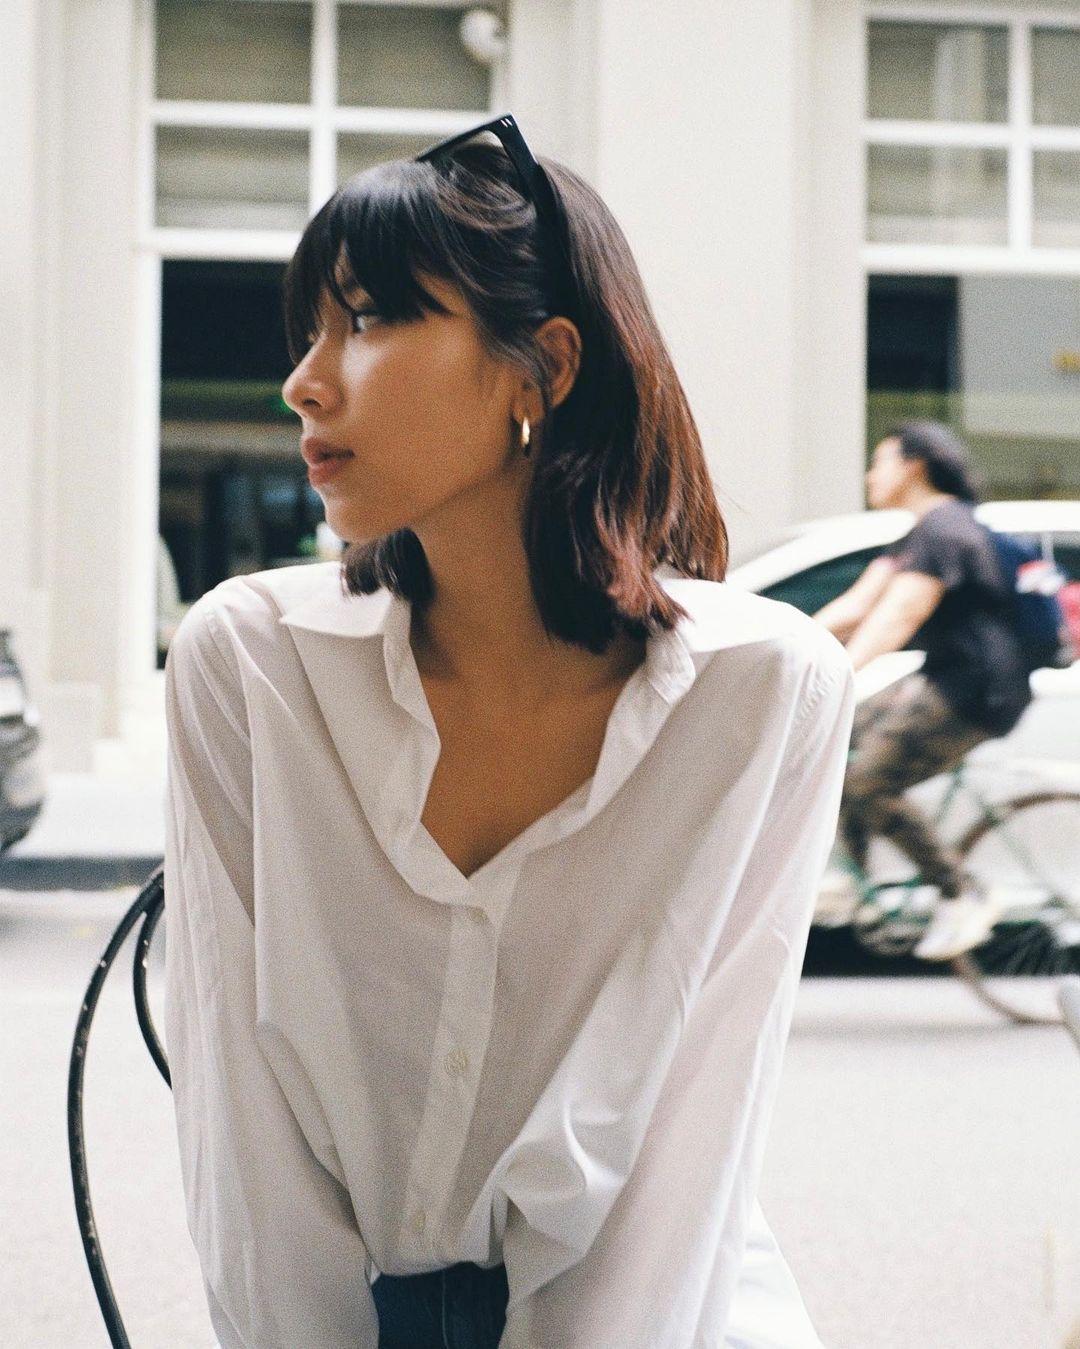 5 mỹ nhân Việt để tóc ngắn xuất sắc nhất: Ngắm là muốn cắt phăng mái tóc dài, nàng 30+ tìm được nhiều kiểu siêu hợp - Ảnh 8